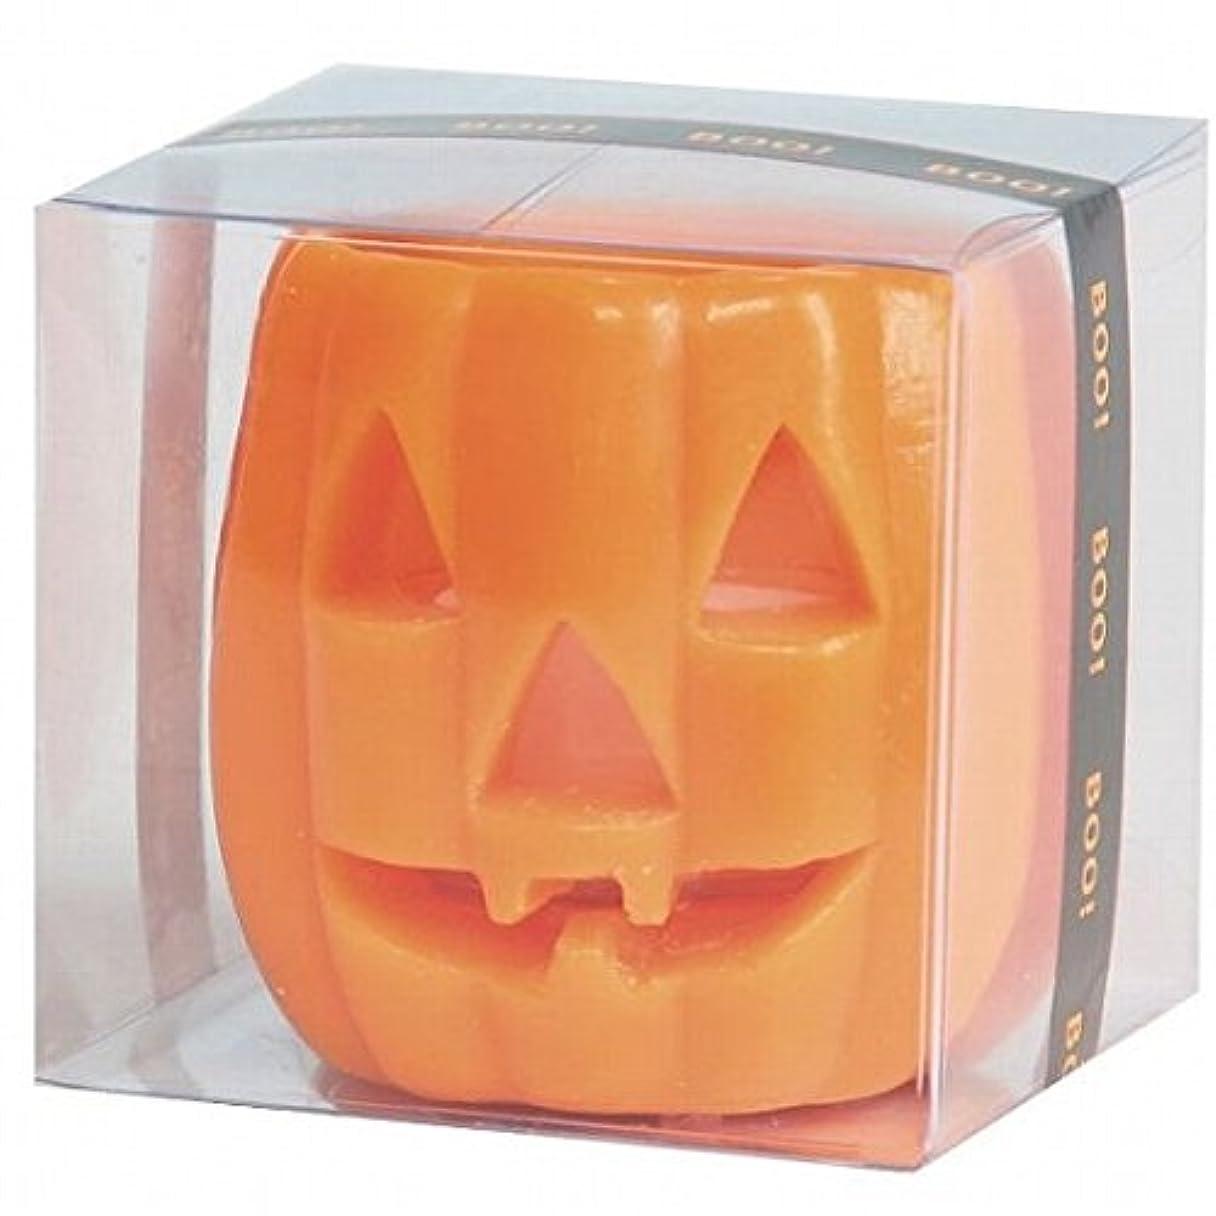 換気するいたずら教科書kameyama candle(カメヤマキャンドル) パンプキンフェイスS 「 オレンジ 」 キャンドル(55860000)